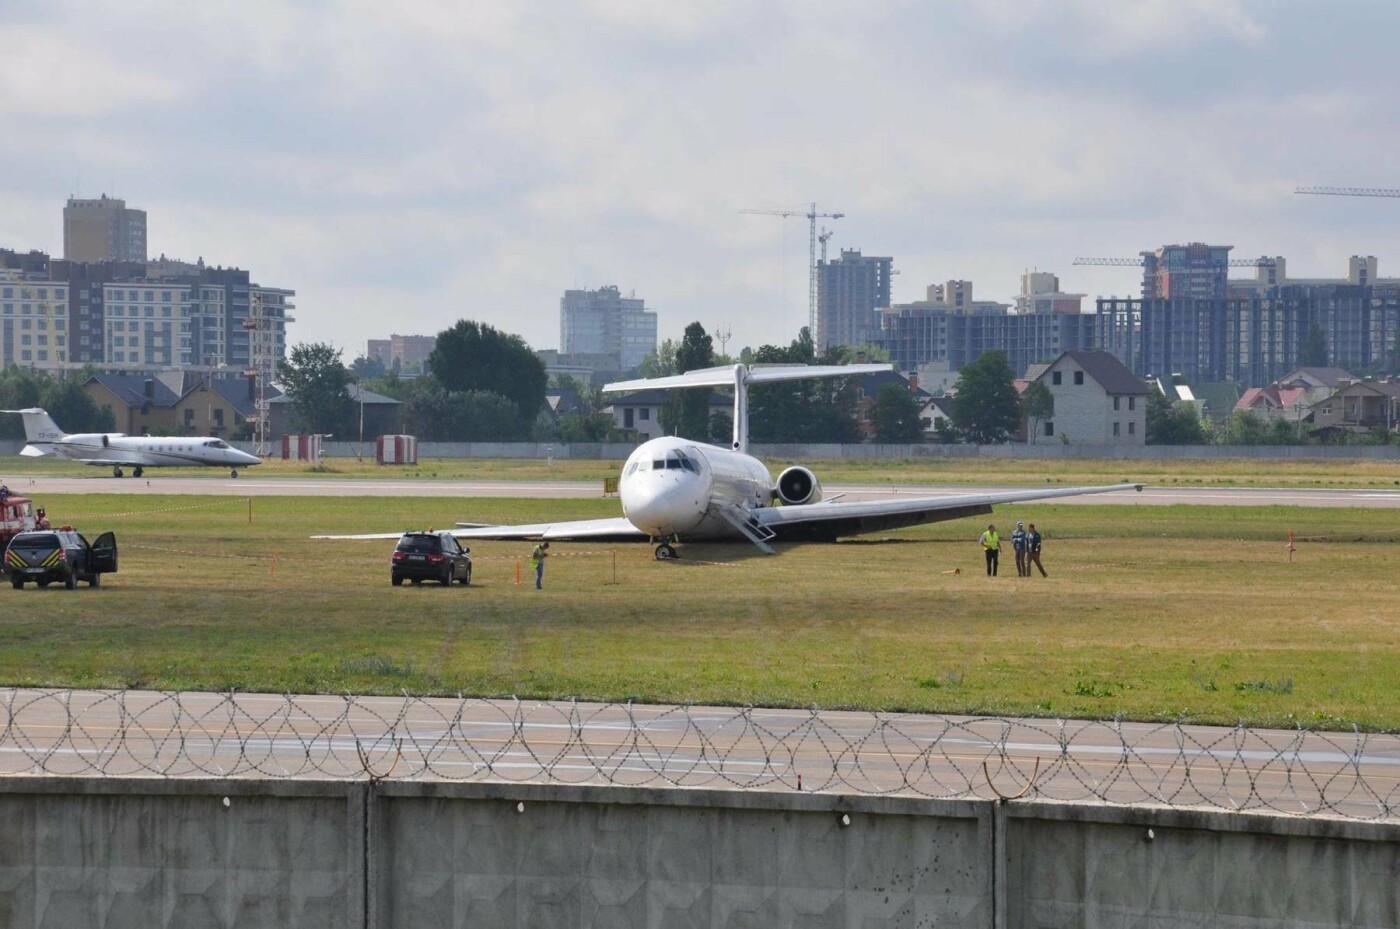 Предупрежден - значит вооружен: ТОП-5 ненадежных авиакомпаний, которых нужно запомнить каждому киевскому туристу, фото-11